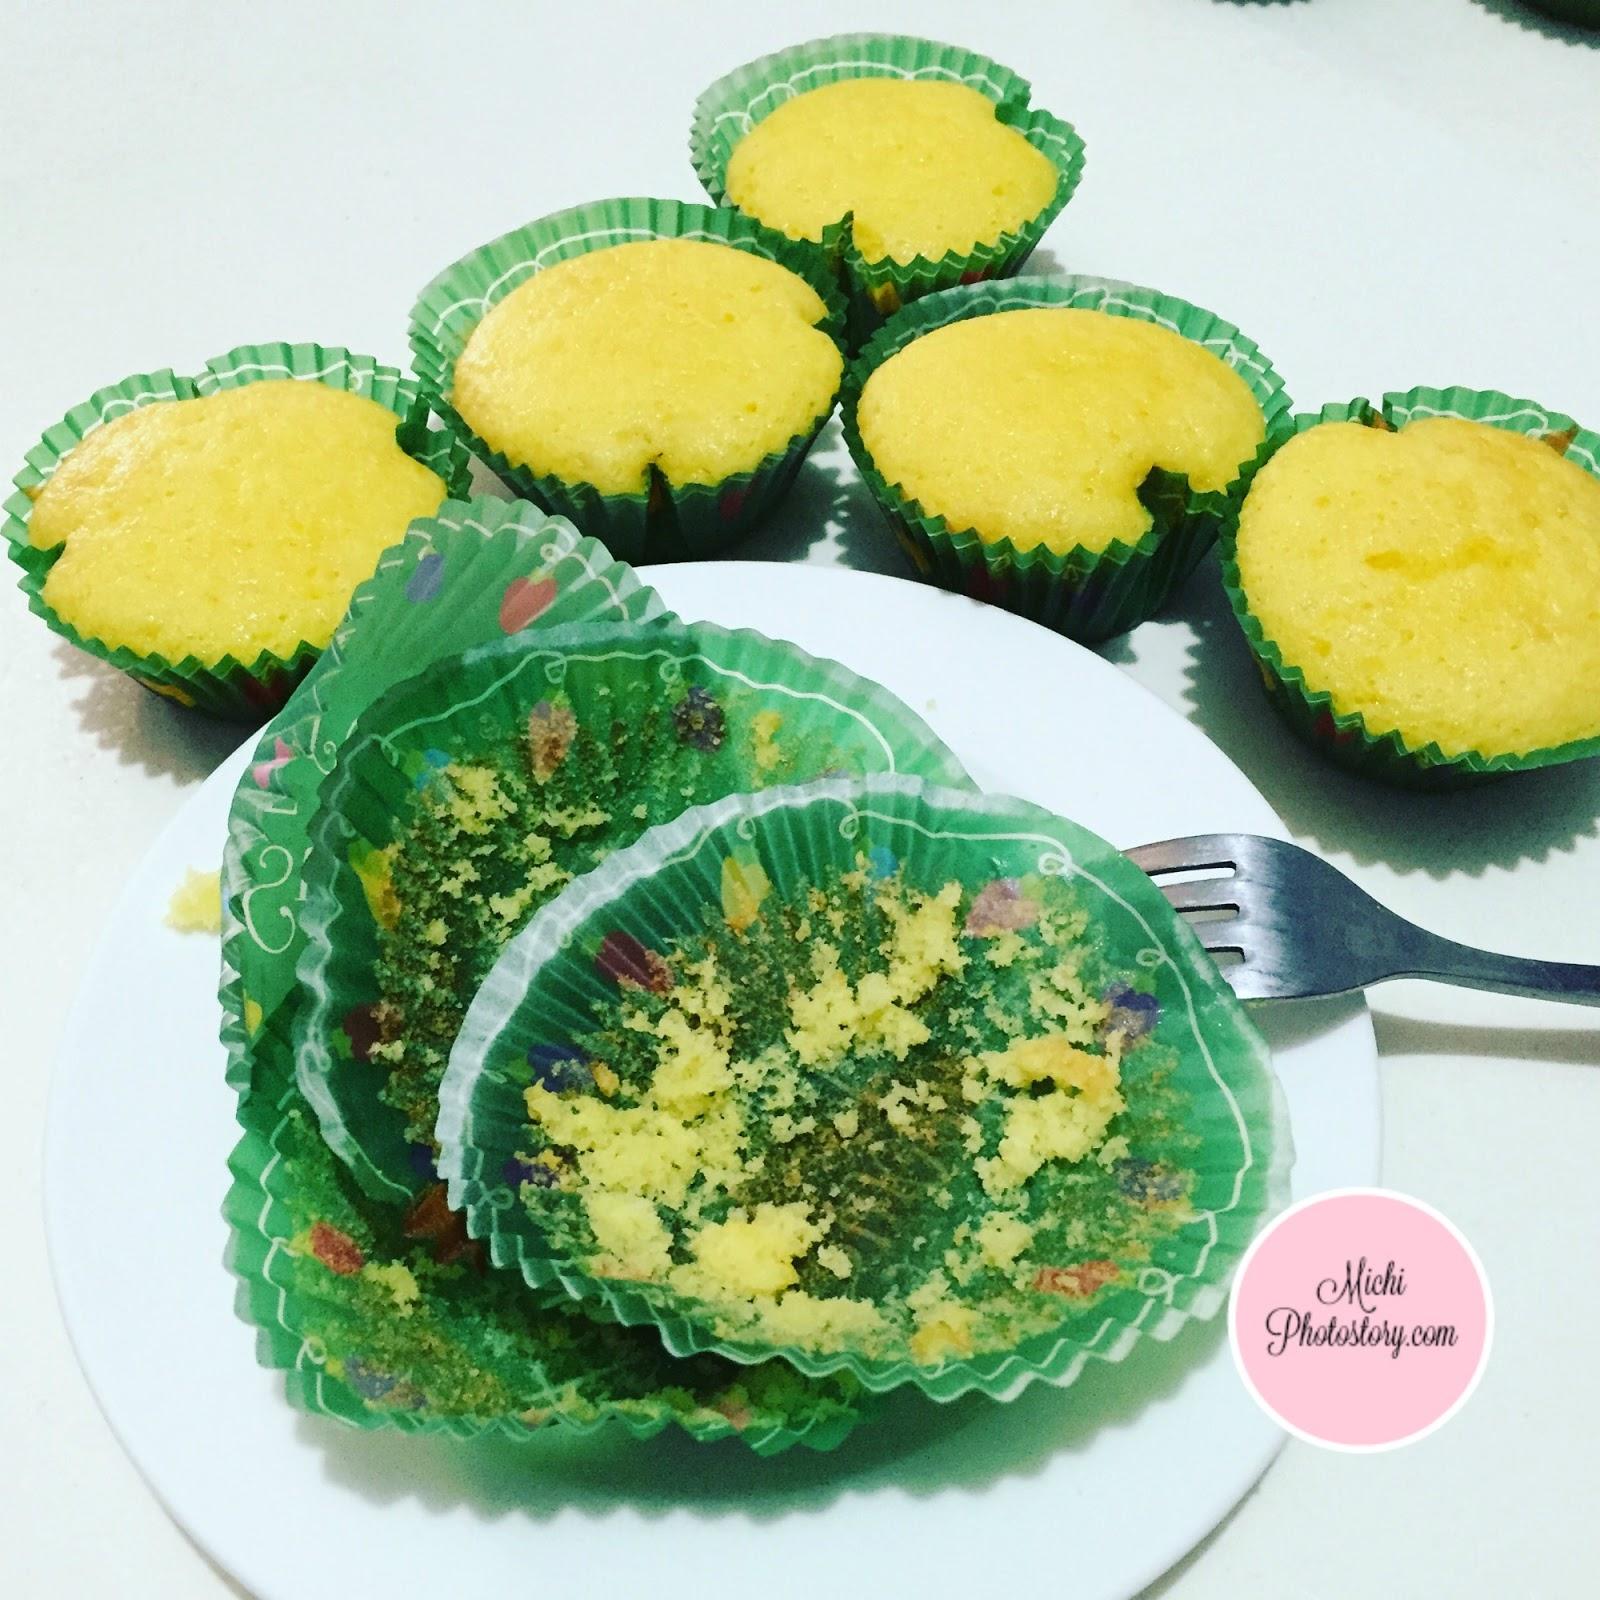 Betty Crocker Cake Mix How Many Cupcakes